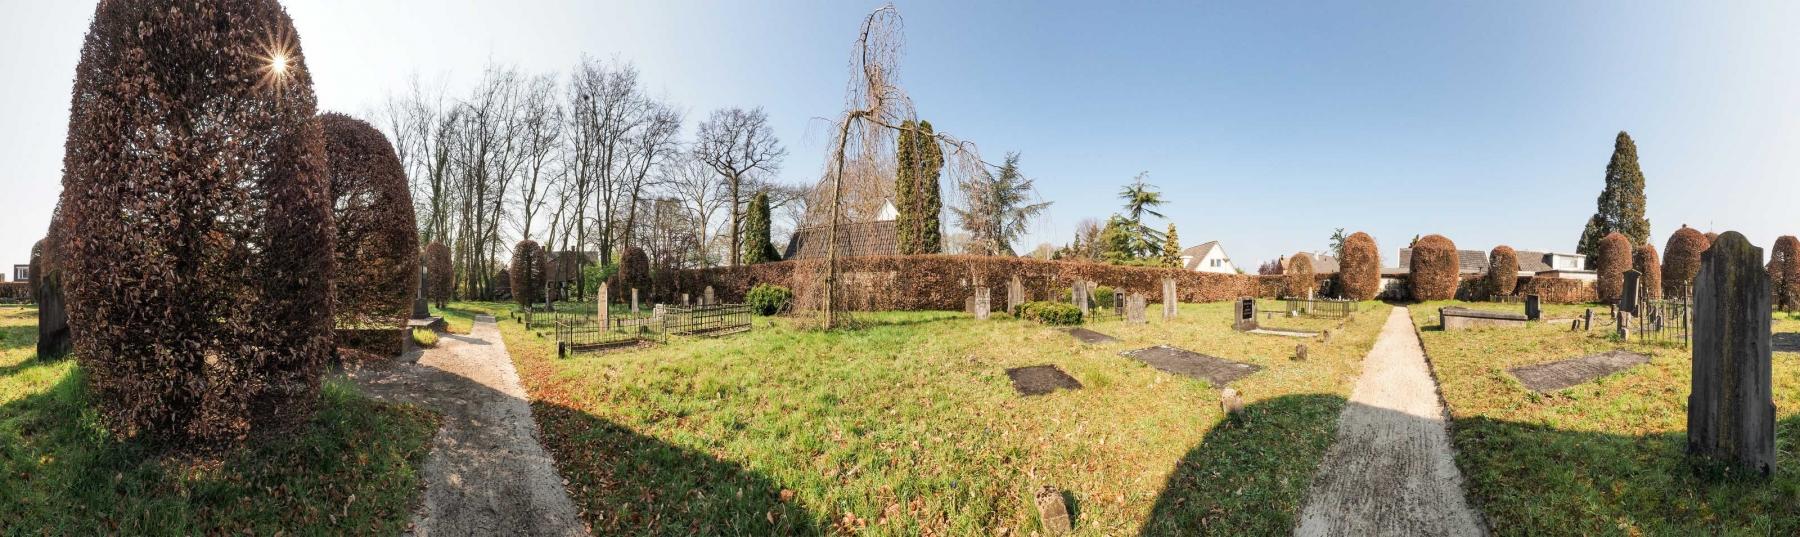 Op deze oude begraafplaats is het altijd stil en het blijft stil...